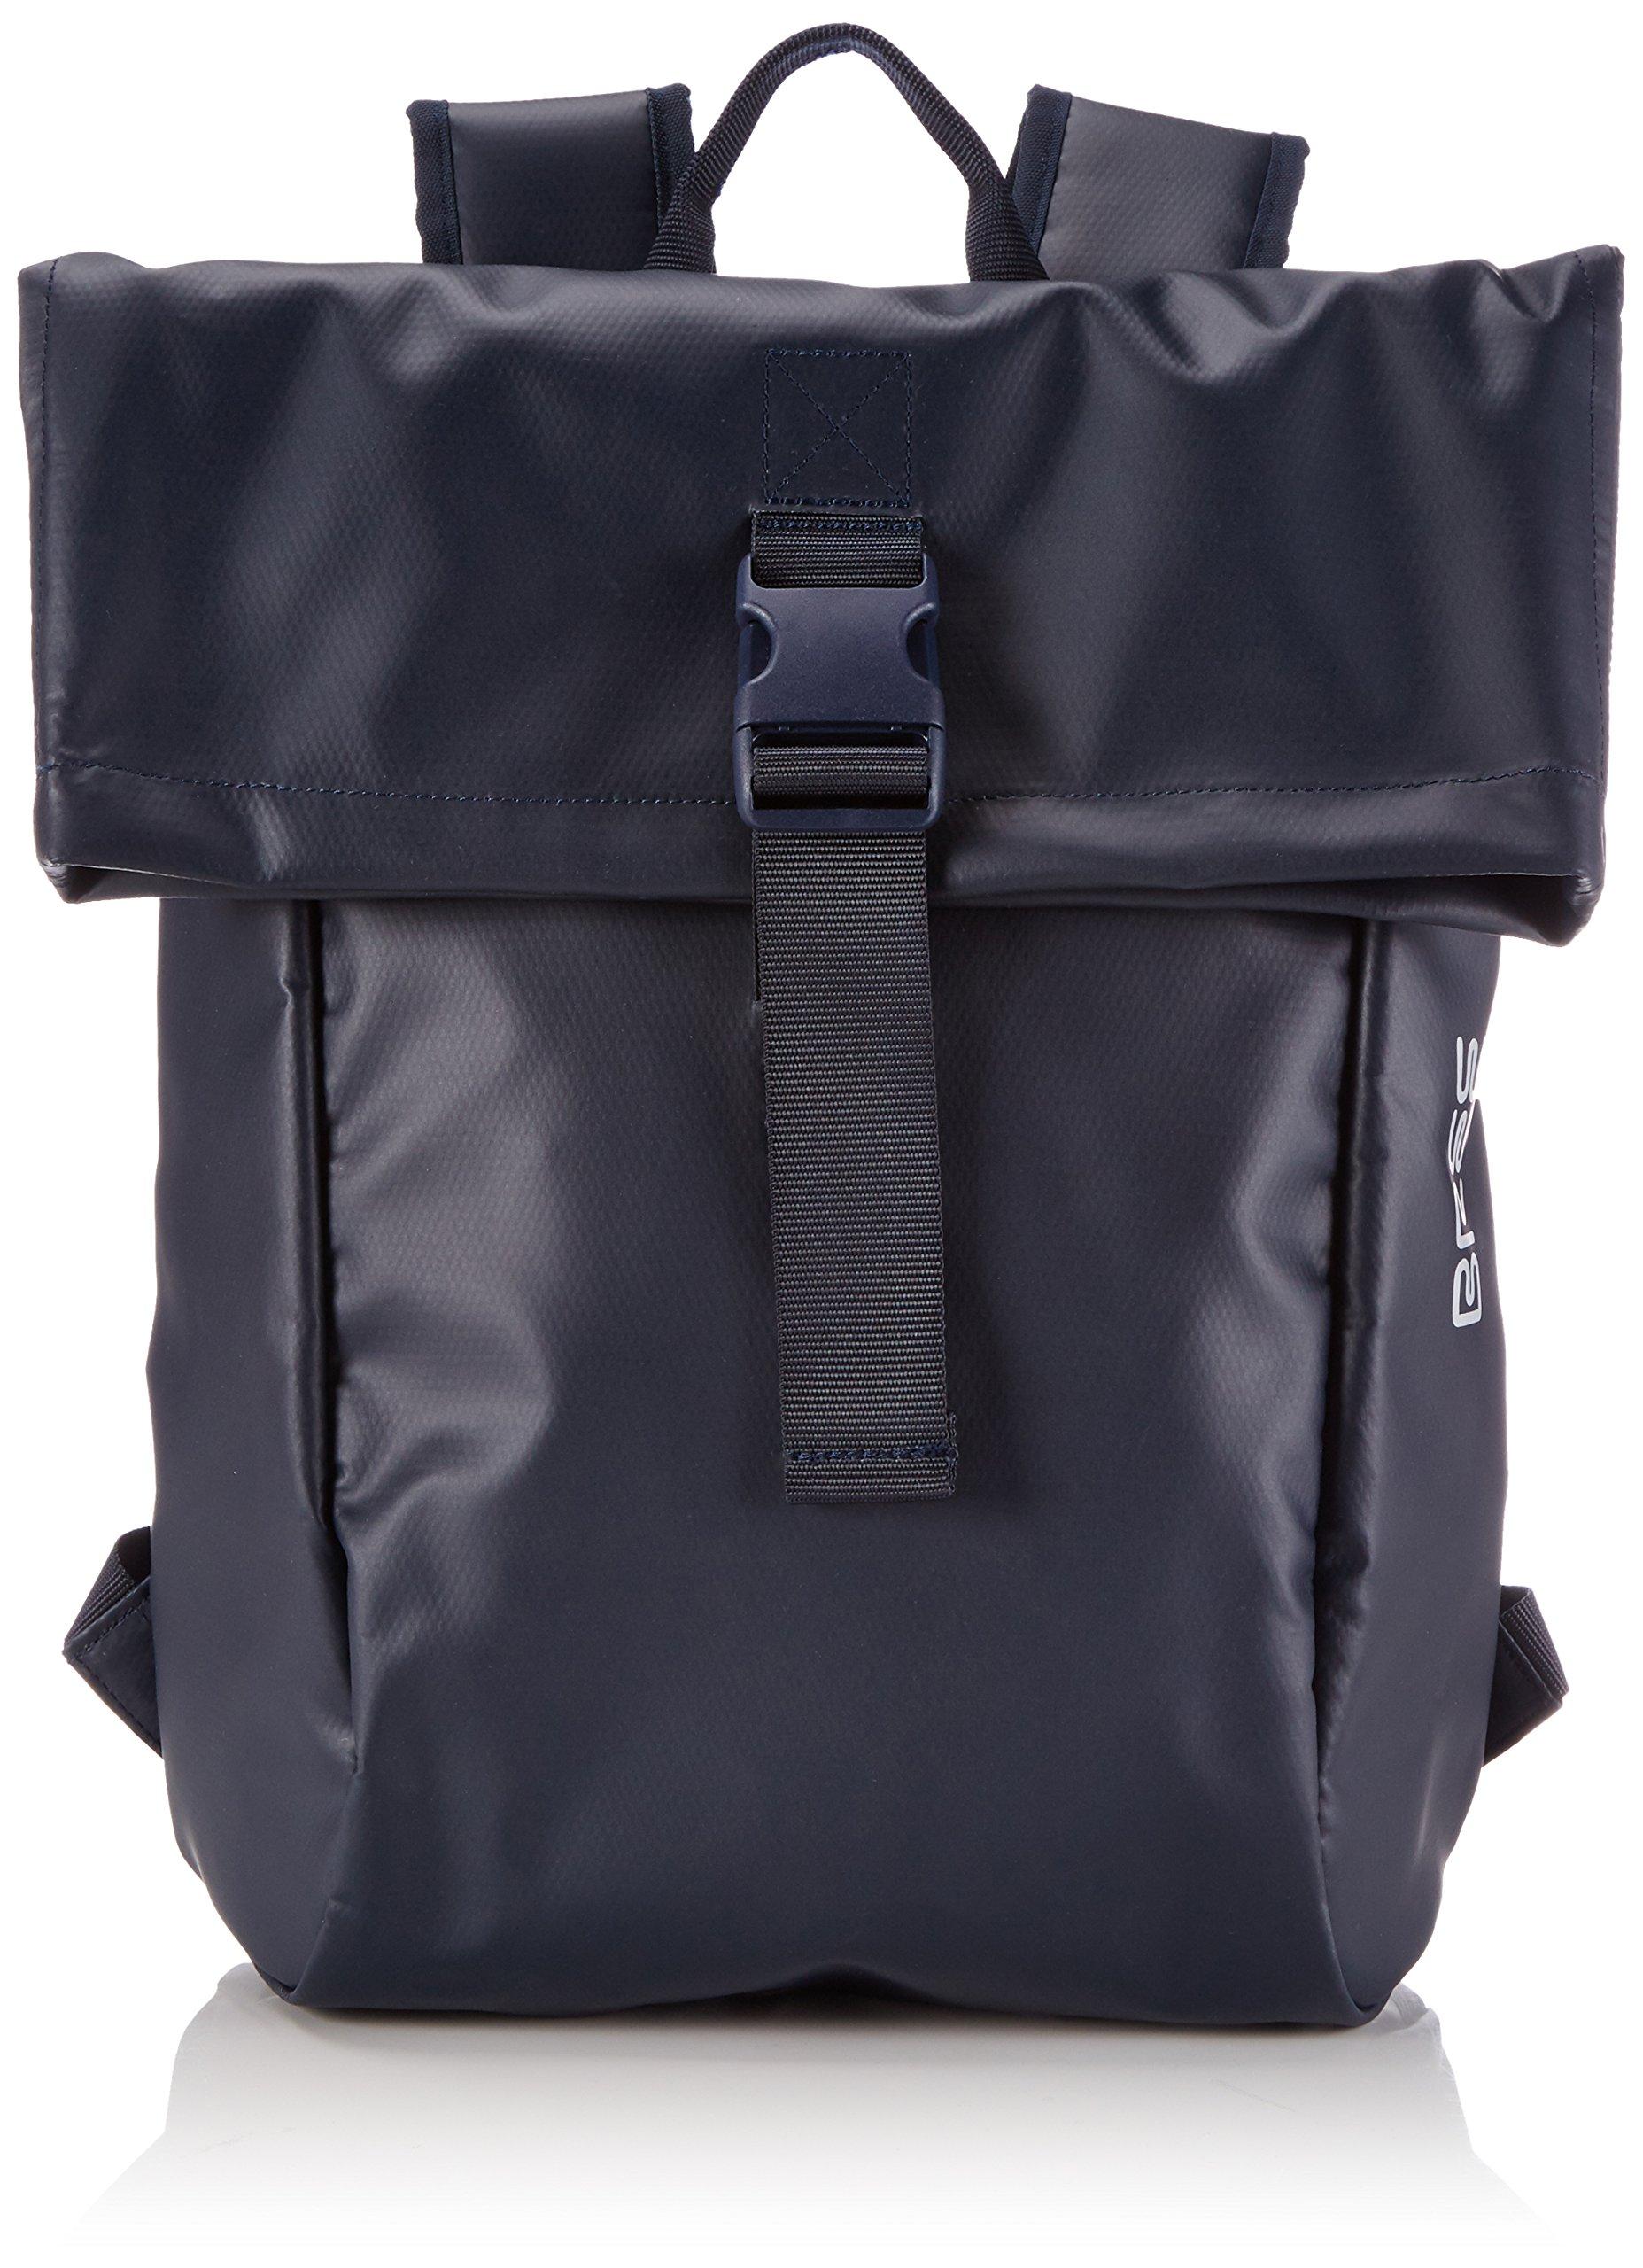 Bree Handtaschen Taschen Punch 92 blue Blau nhSXU